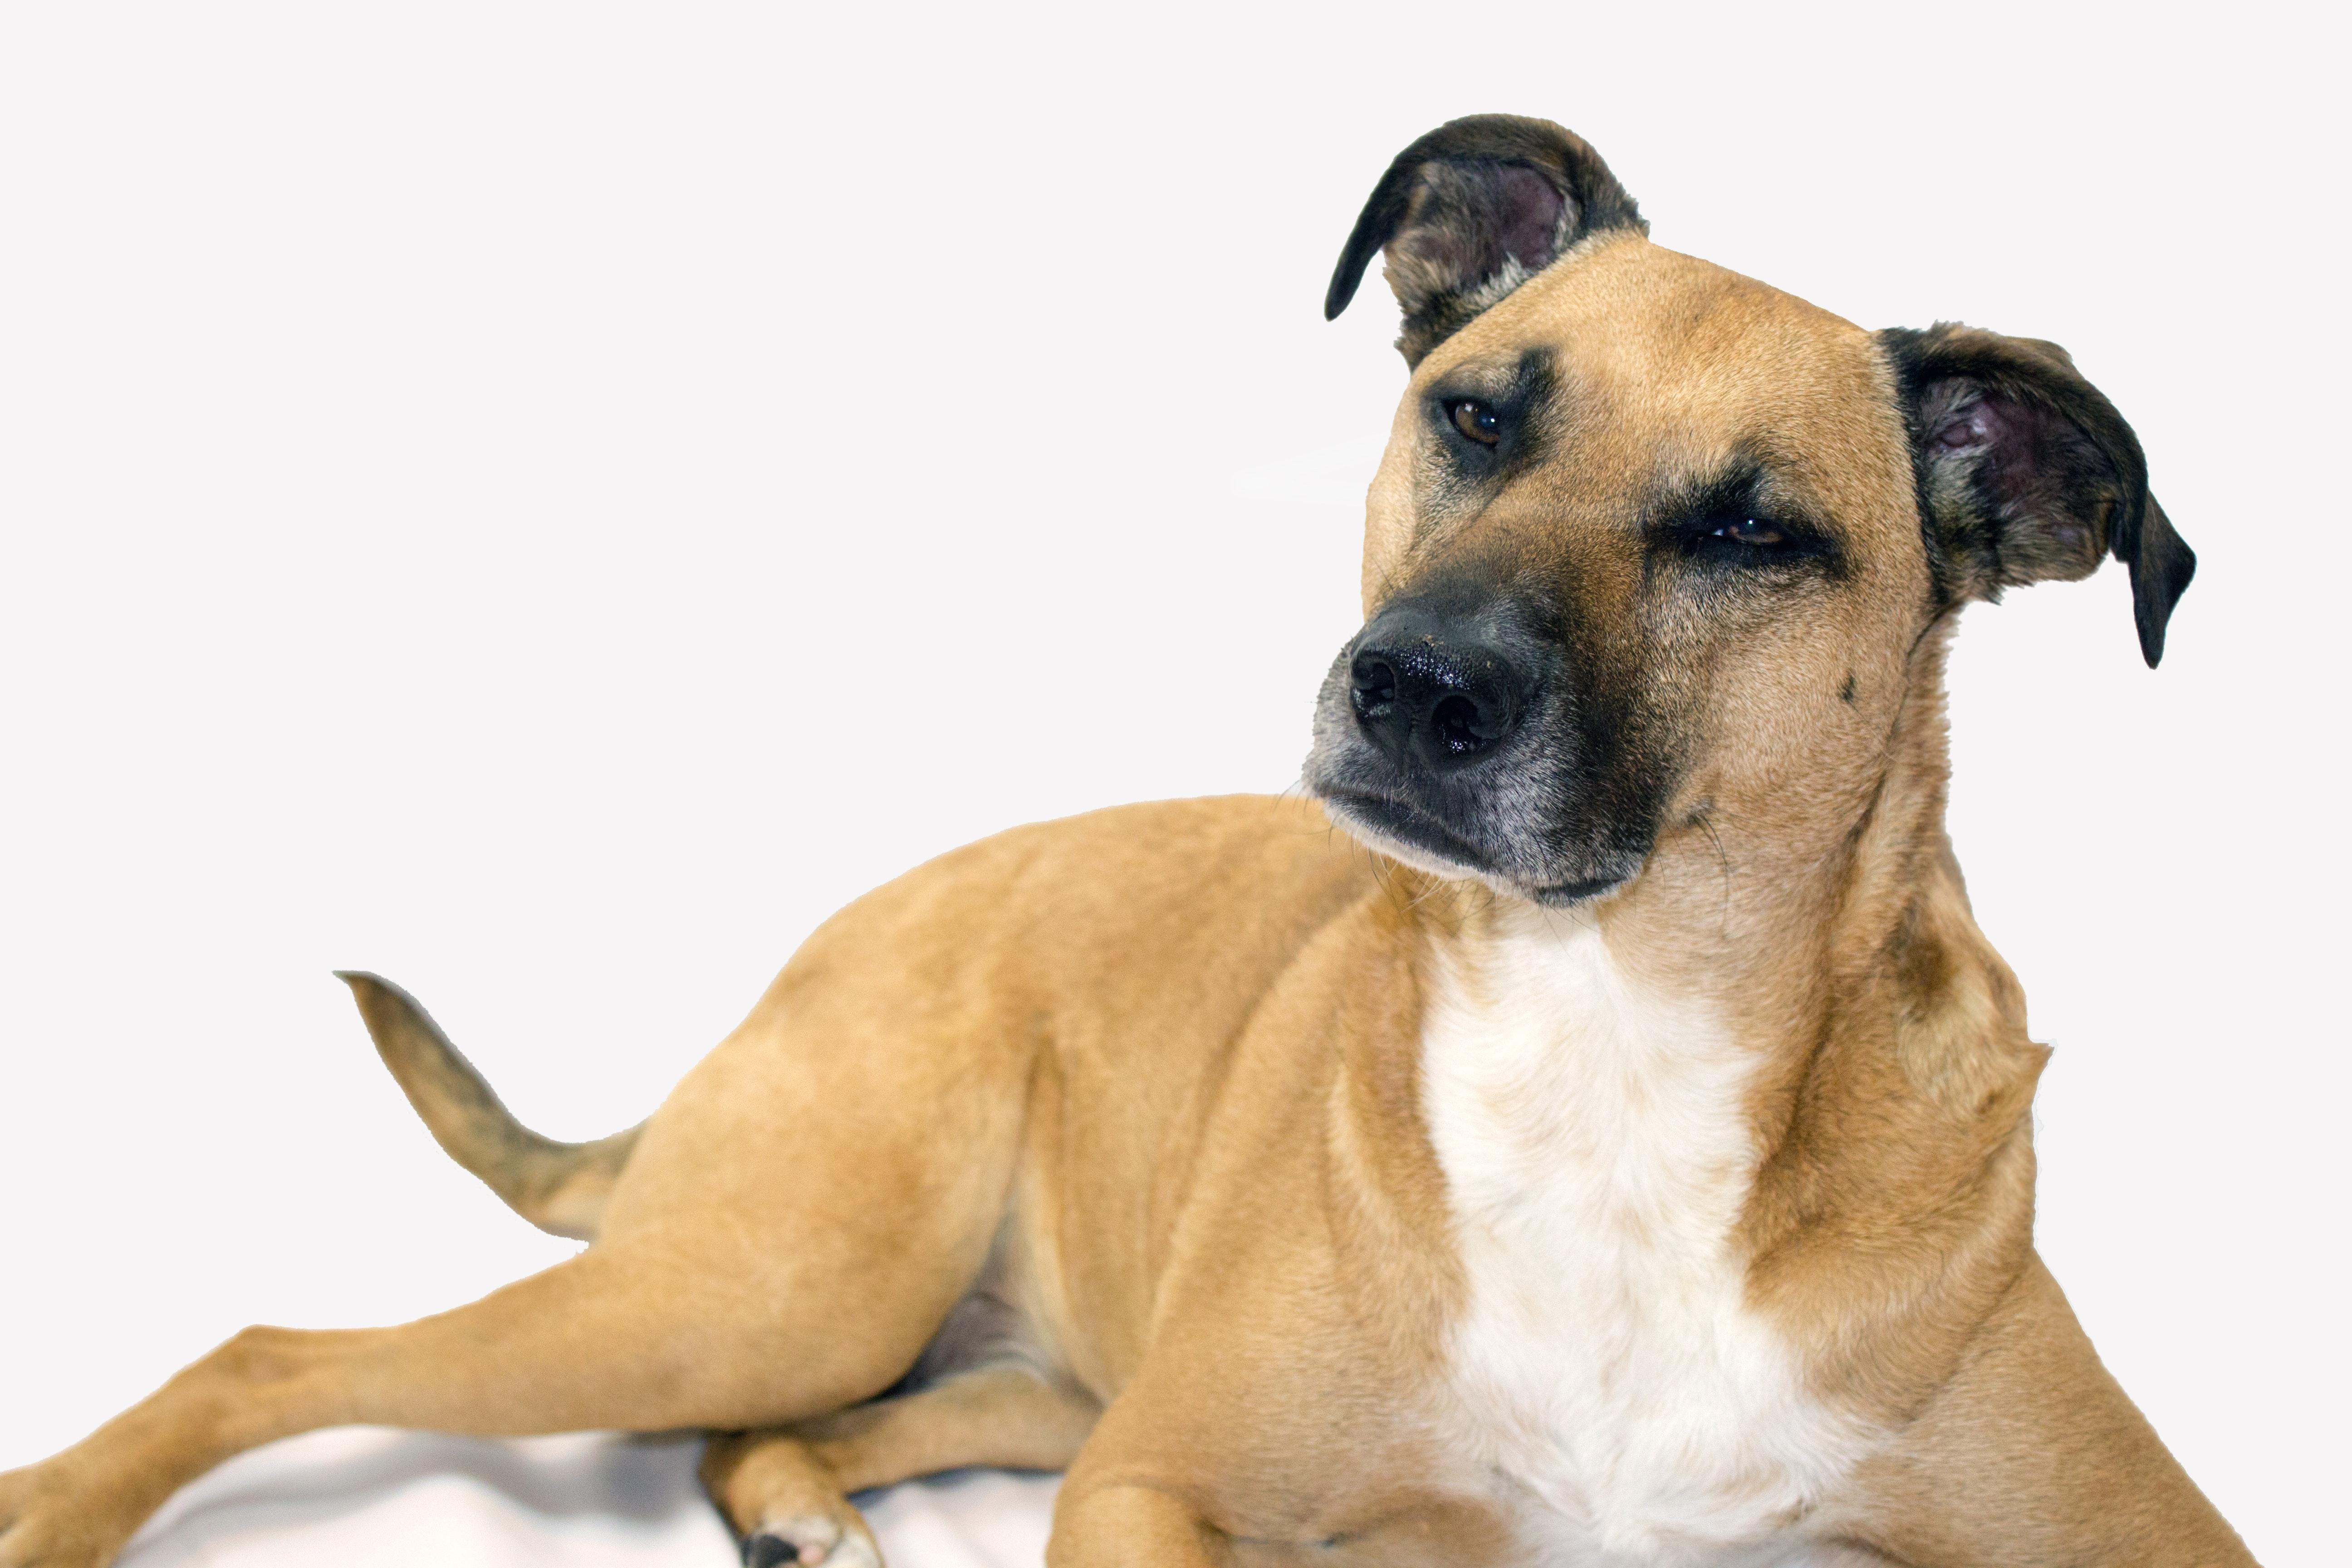 Most Inspiring Mouth Cur Black Adorable Dog - pexels-photo-126617  Image_469497  .jpg\u0026fm\u003djpg